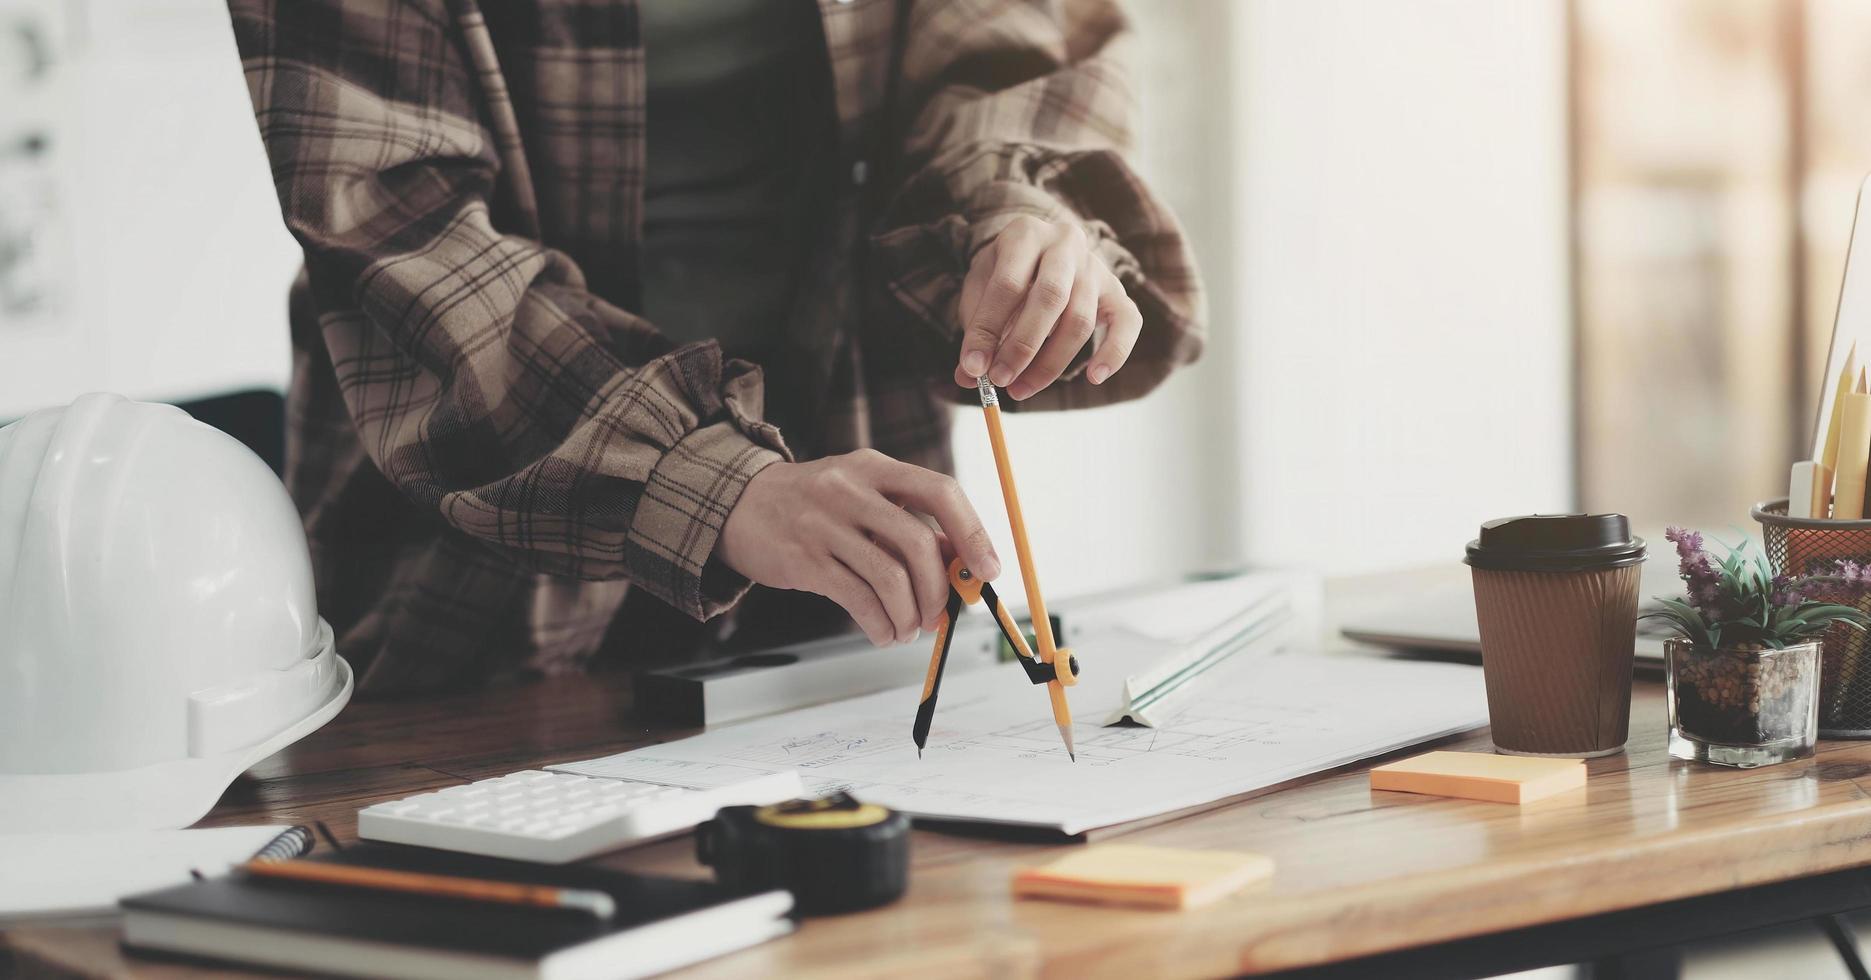 architetti concettuali, ingegnere che tiene la penna che indica gli architetti di apparecchiature foto